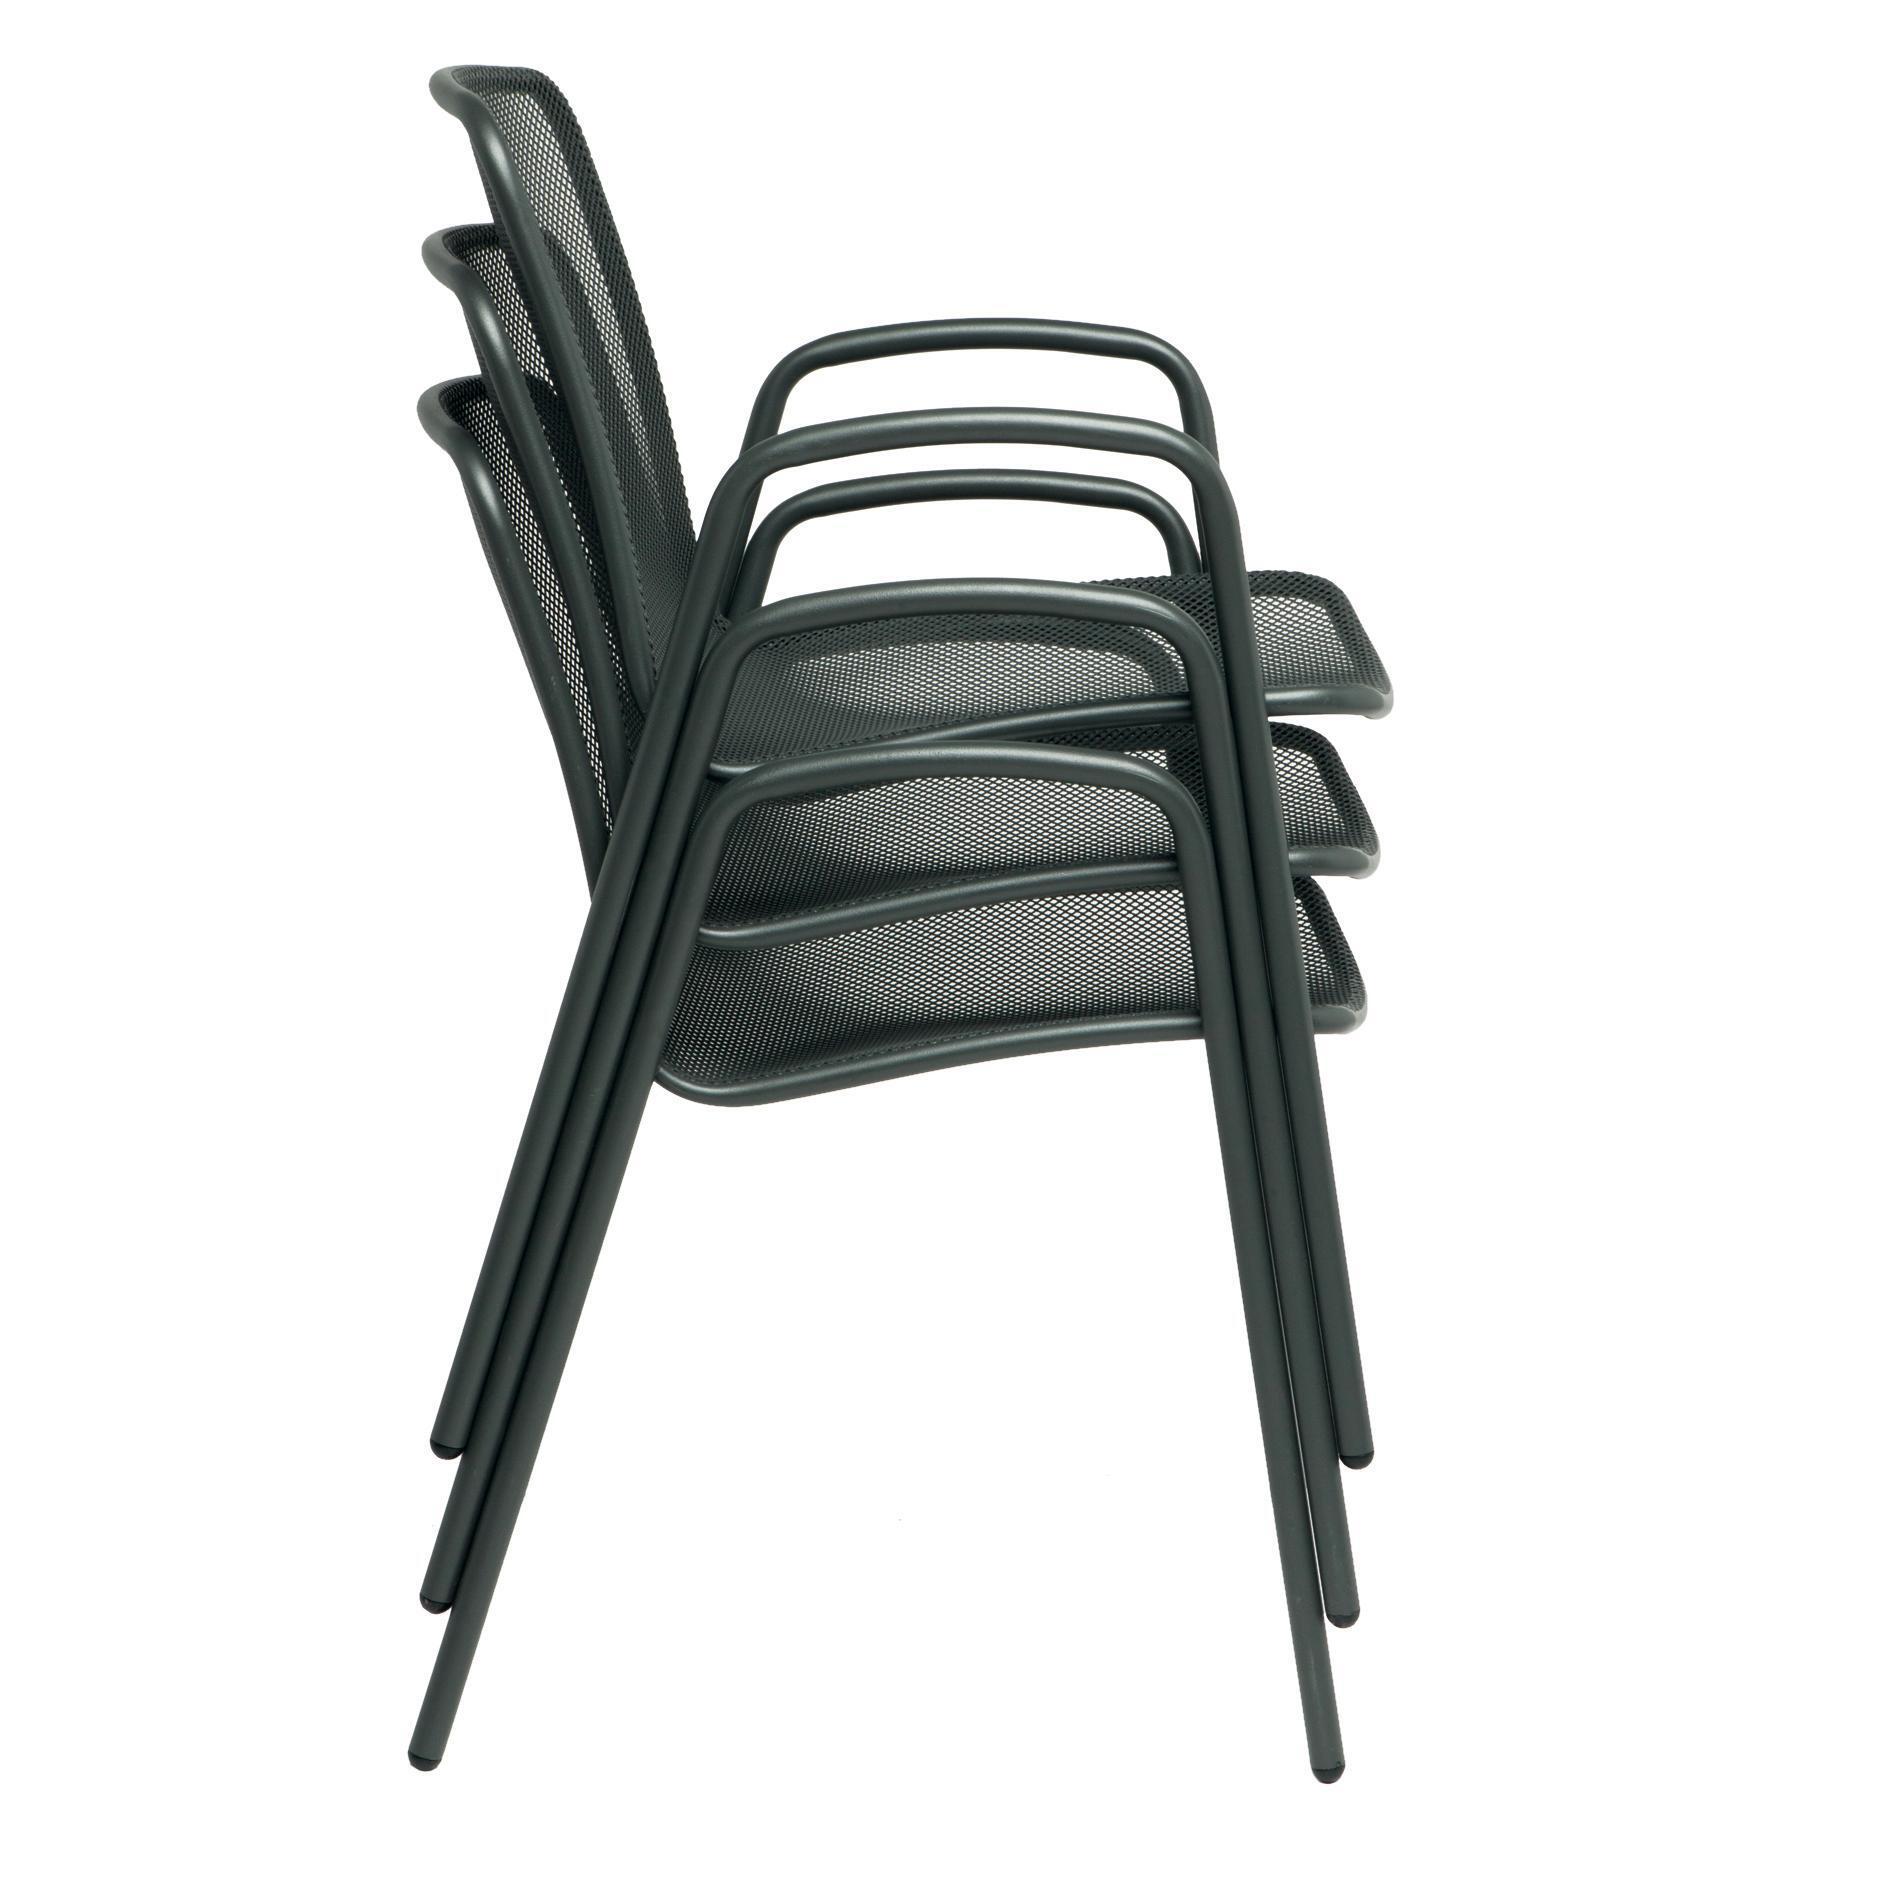 Sedia con braccioli senza cuscino Volta colore antracite - 4